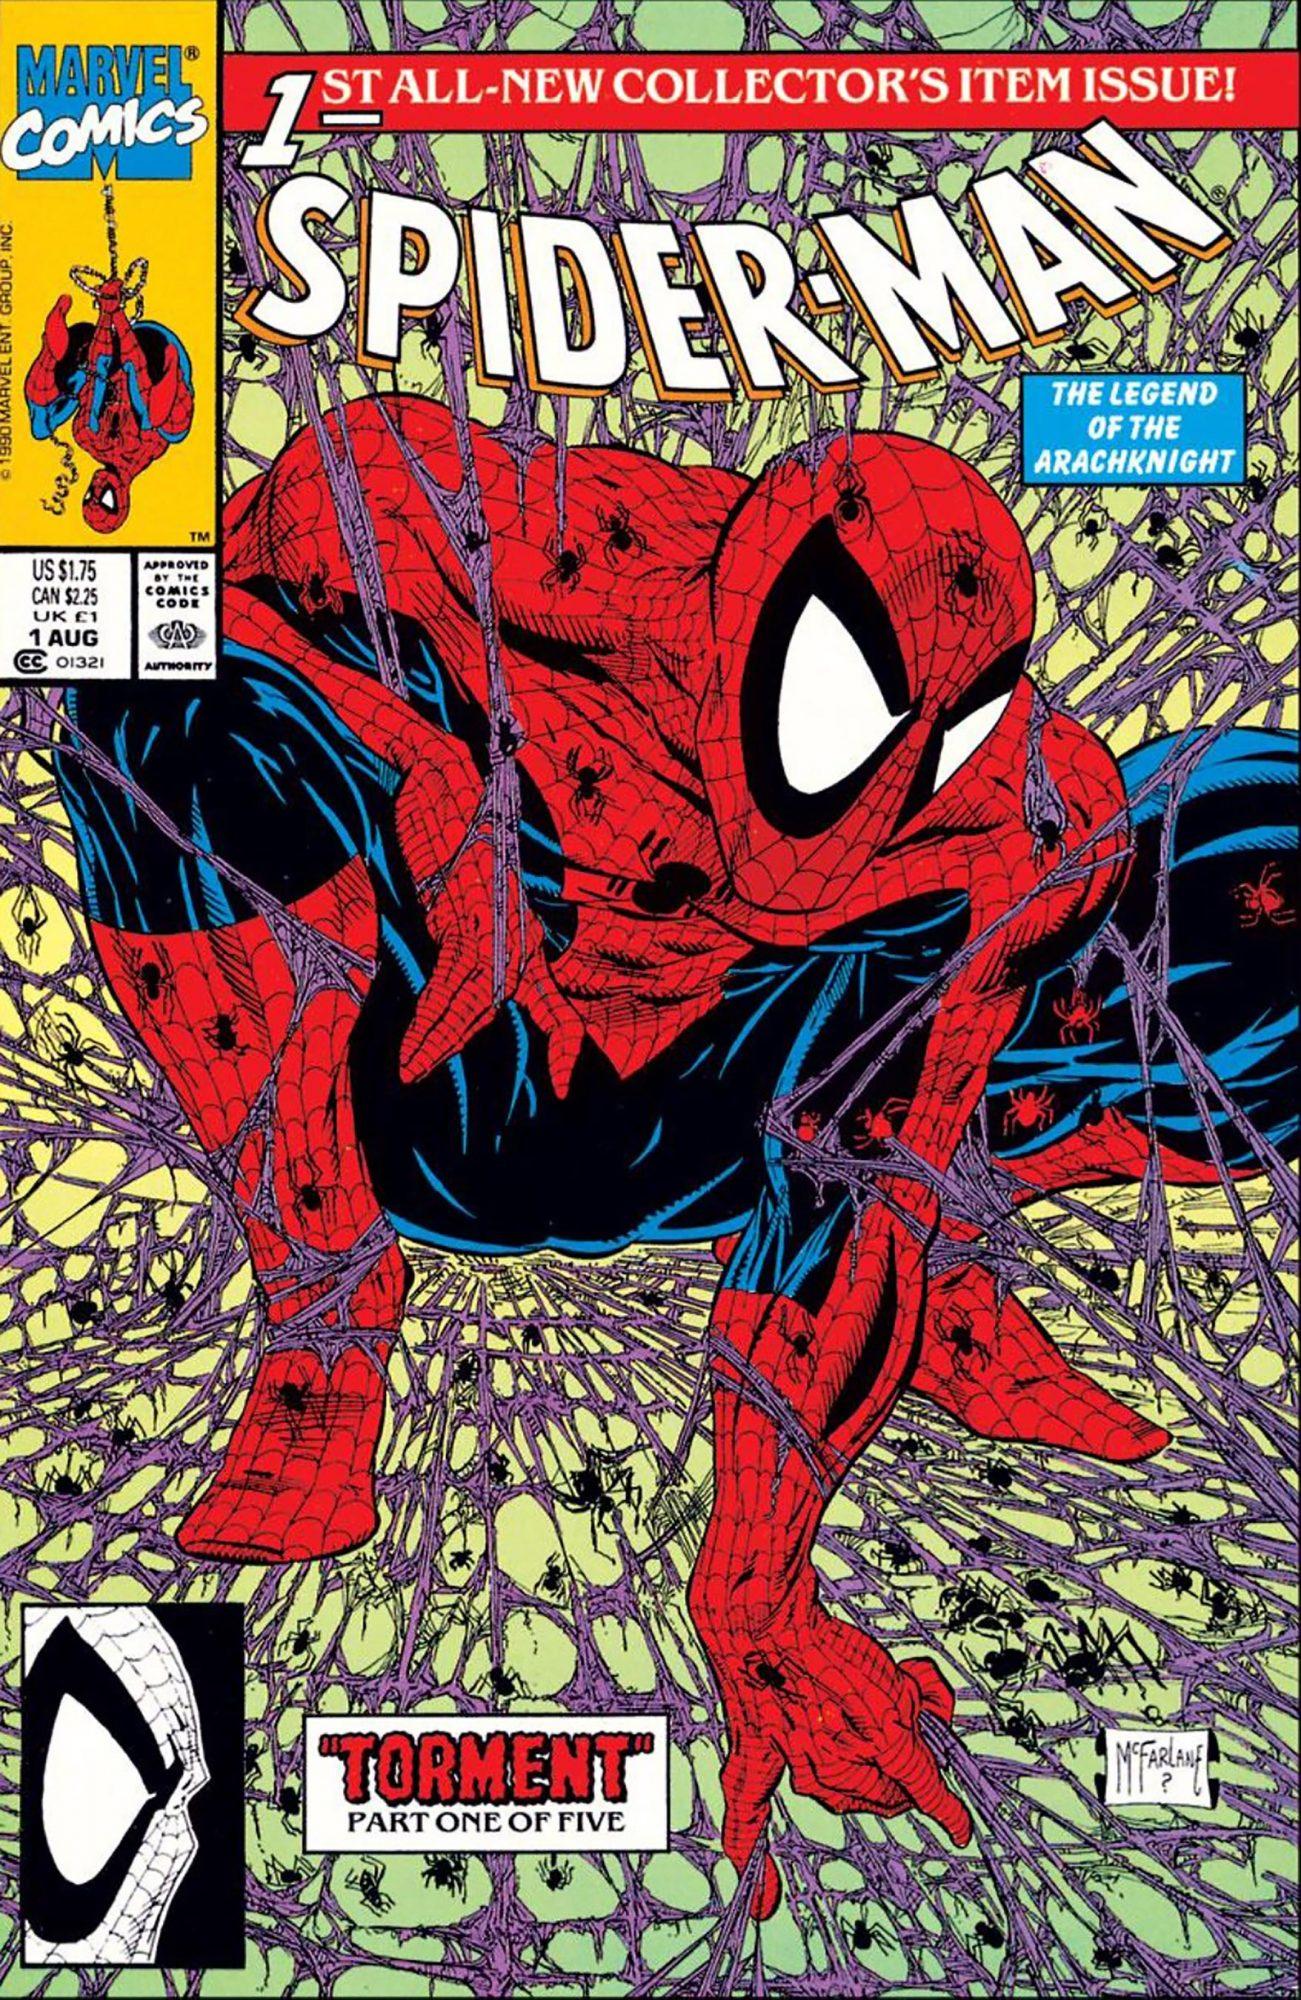 Spider-Man #1Artist: Todd McFarlane, 1990